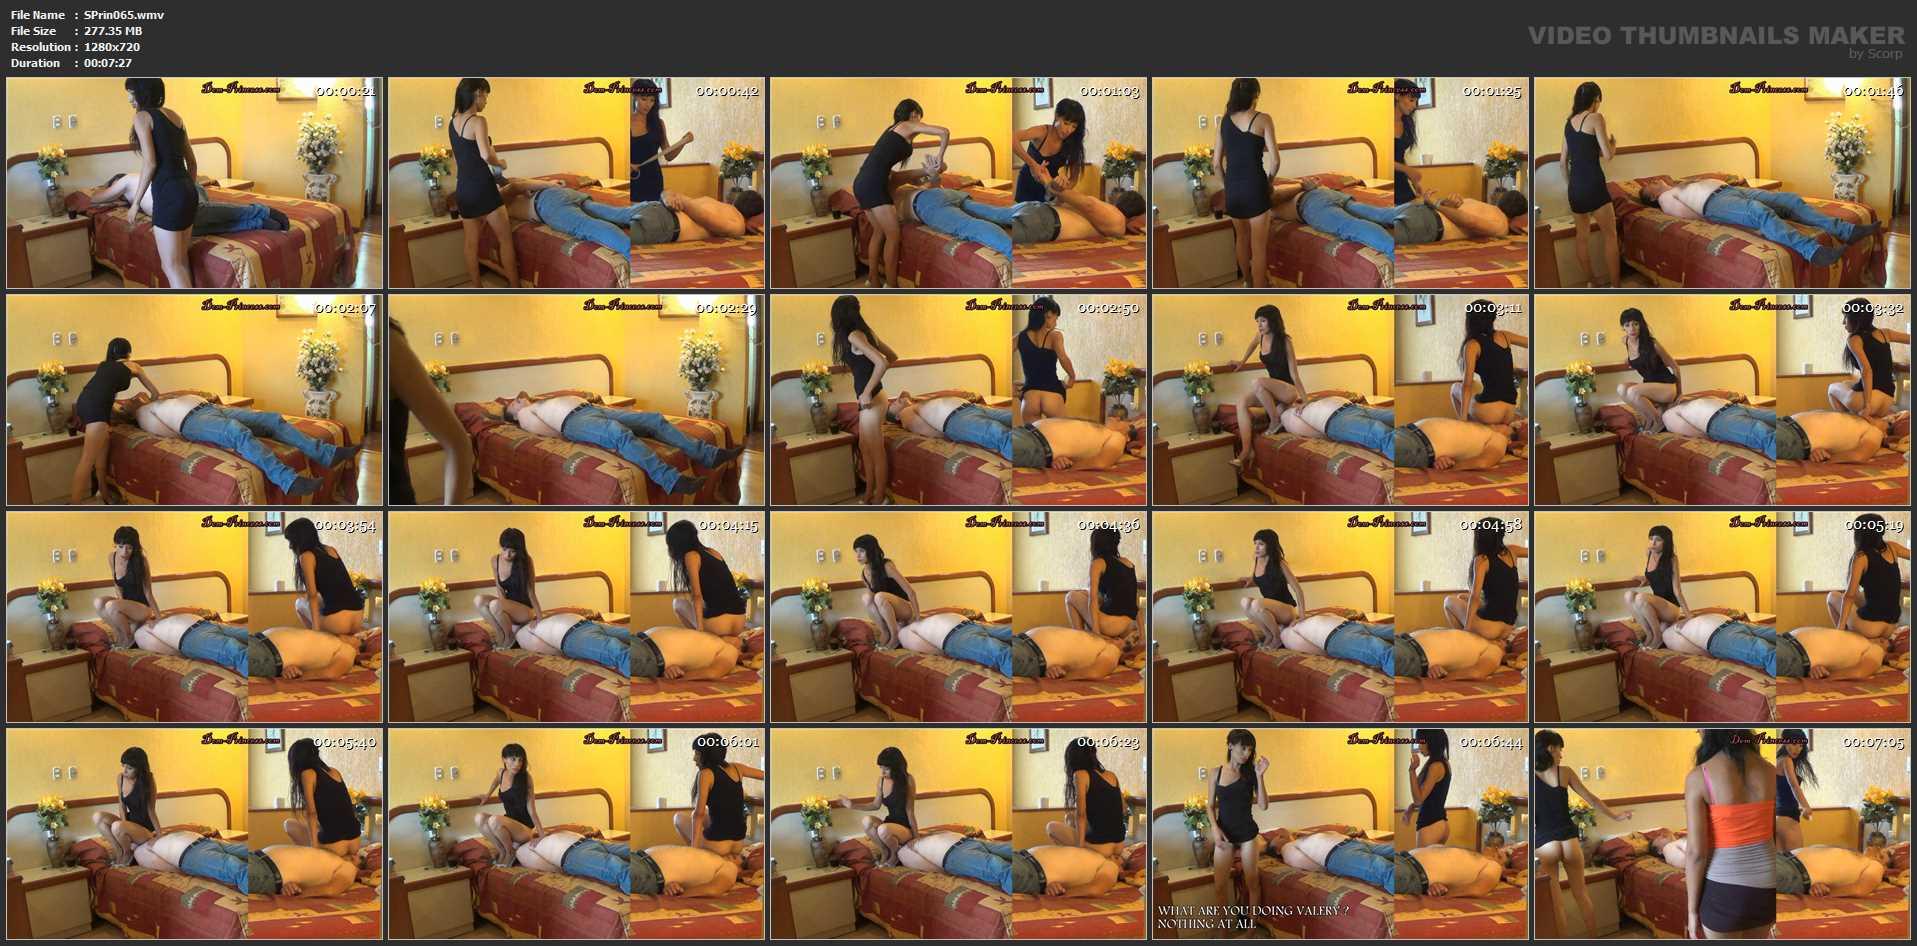 [SCAT-PRINCESS] Be a Toilet by Surprise Part 1 Valery [HD][720p][WMV]